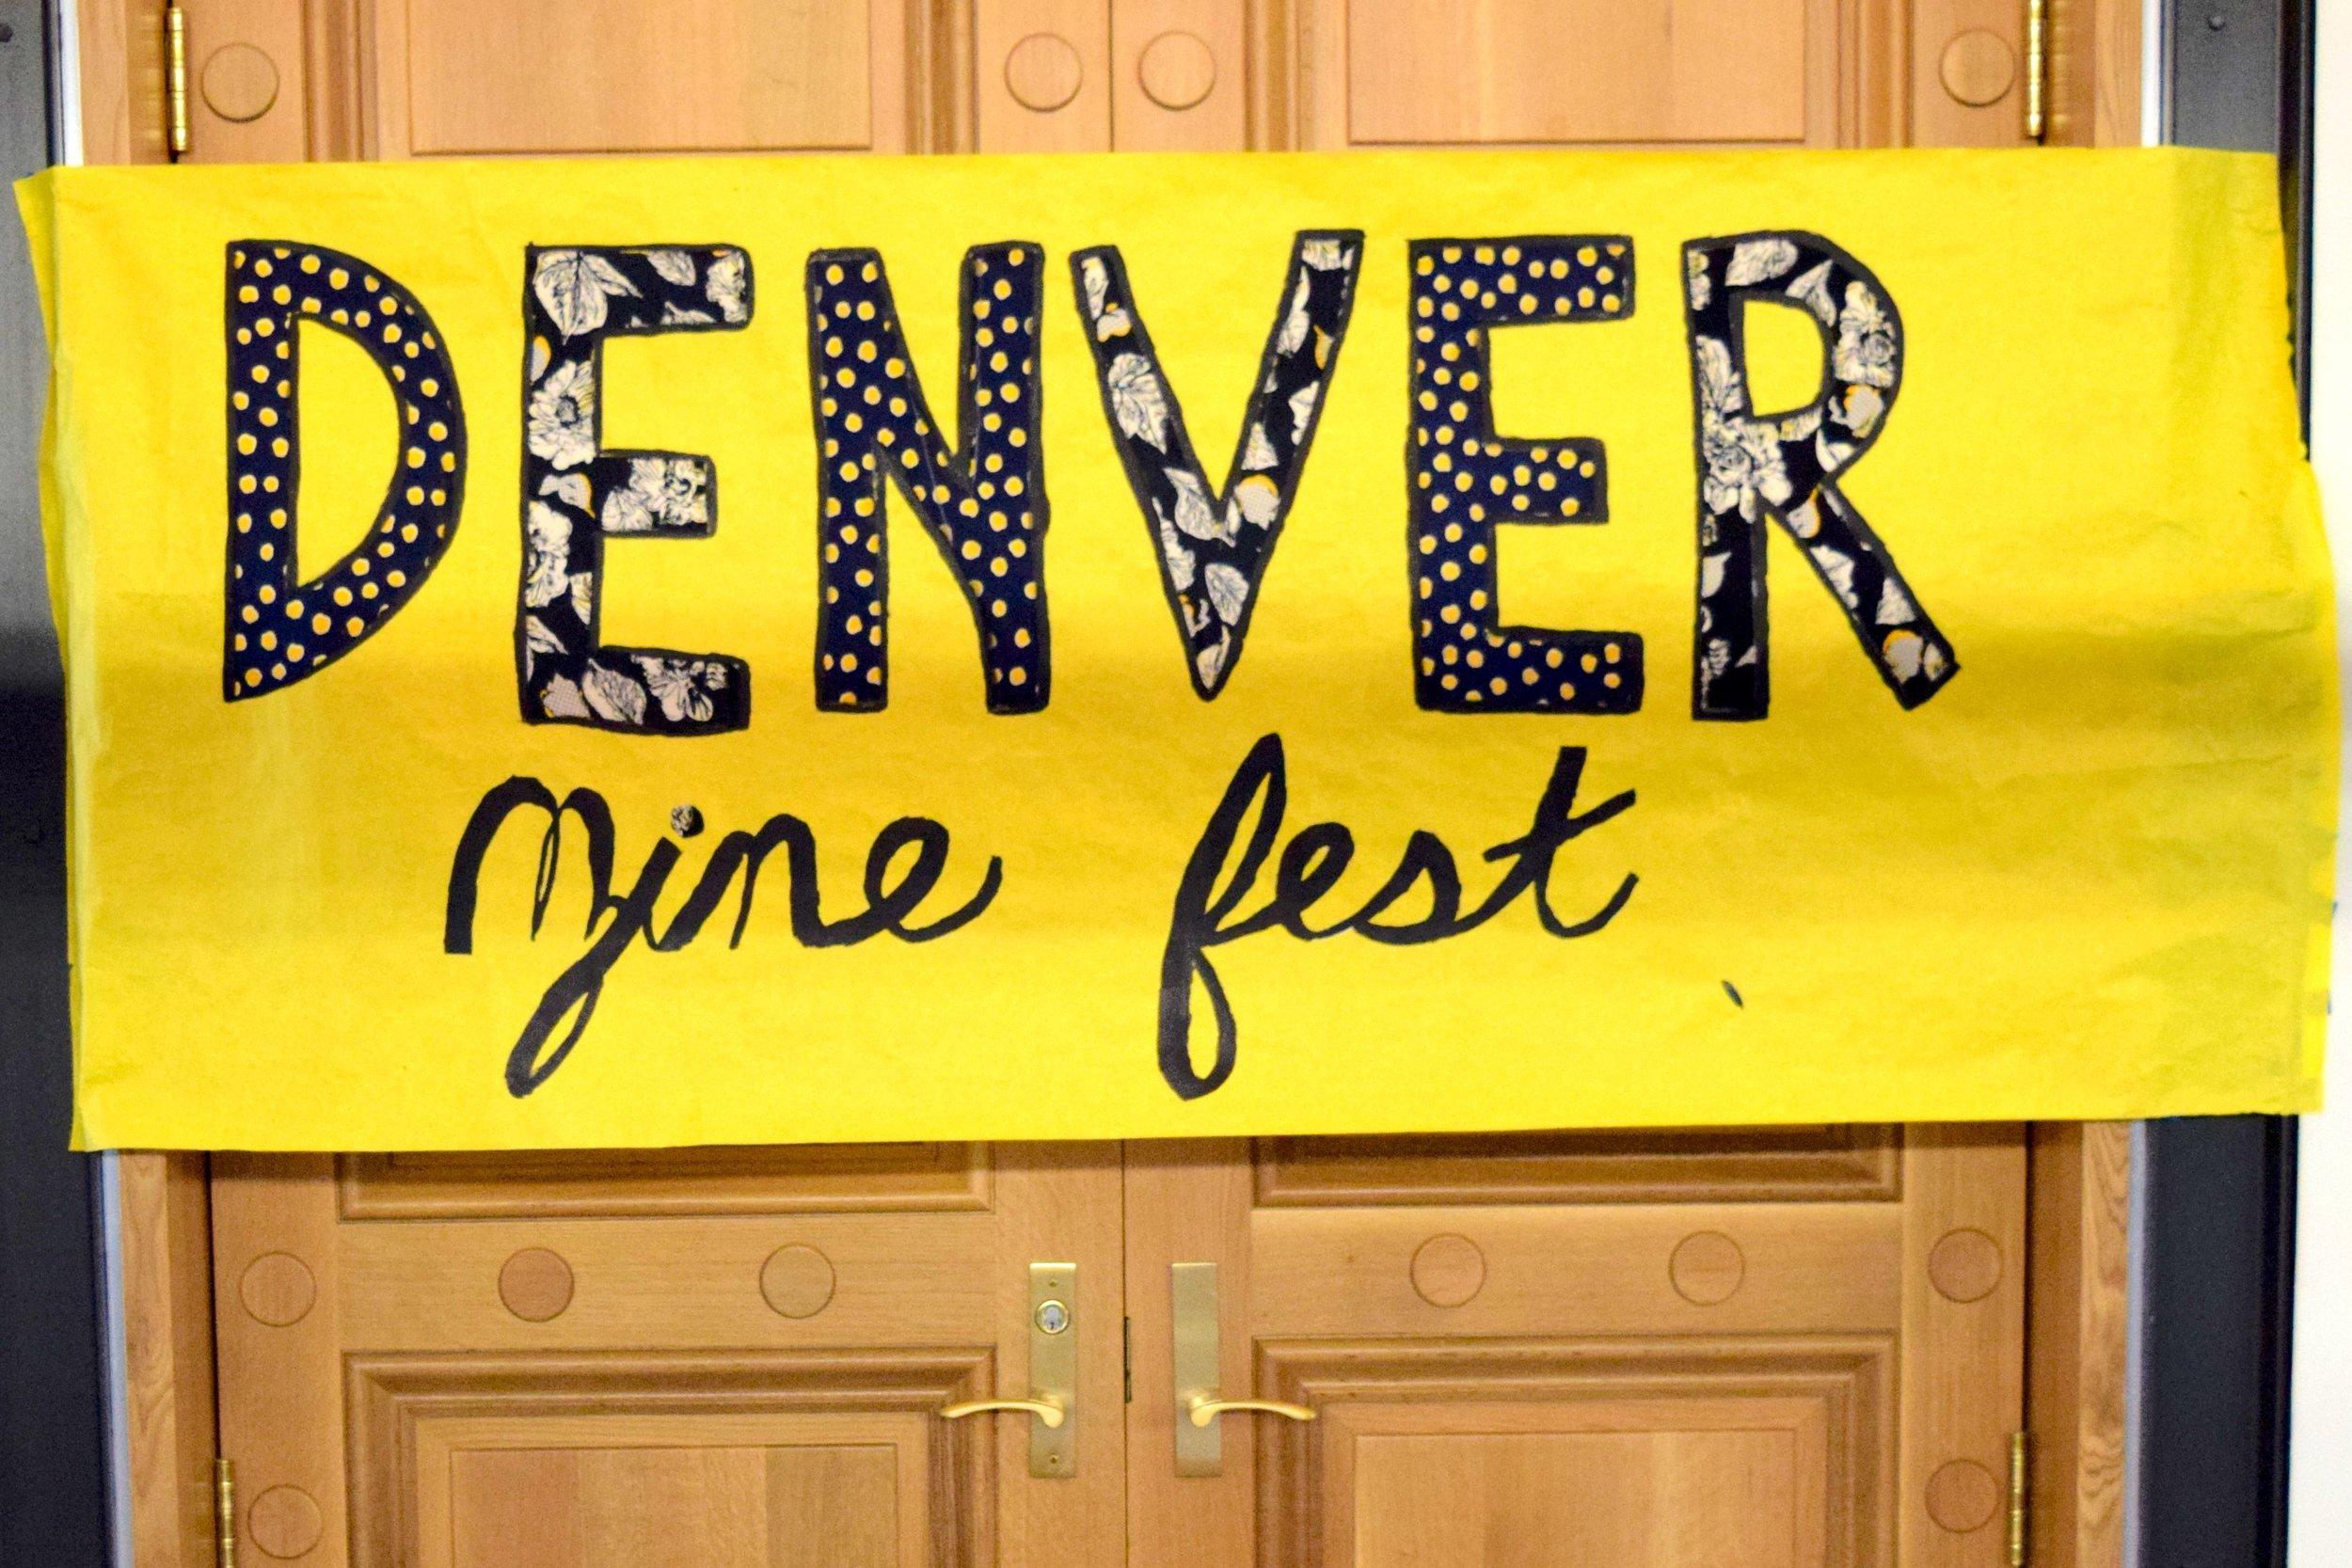 The  Denver Zine Fest 2018  entrance banner.